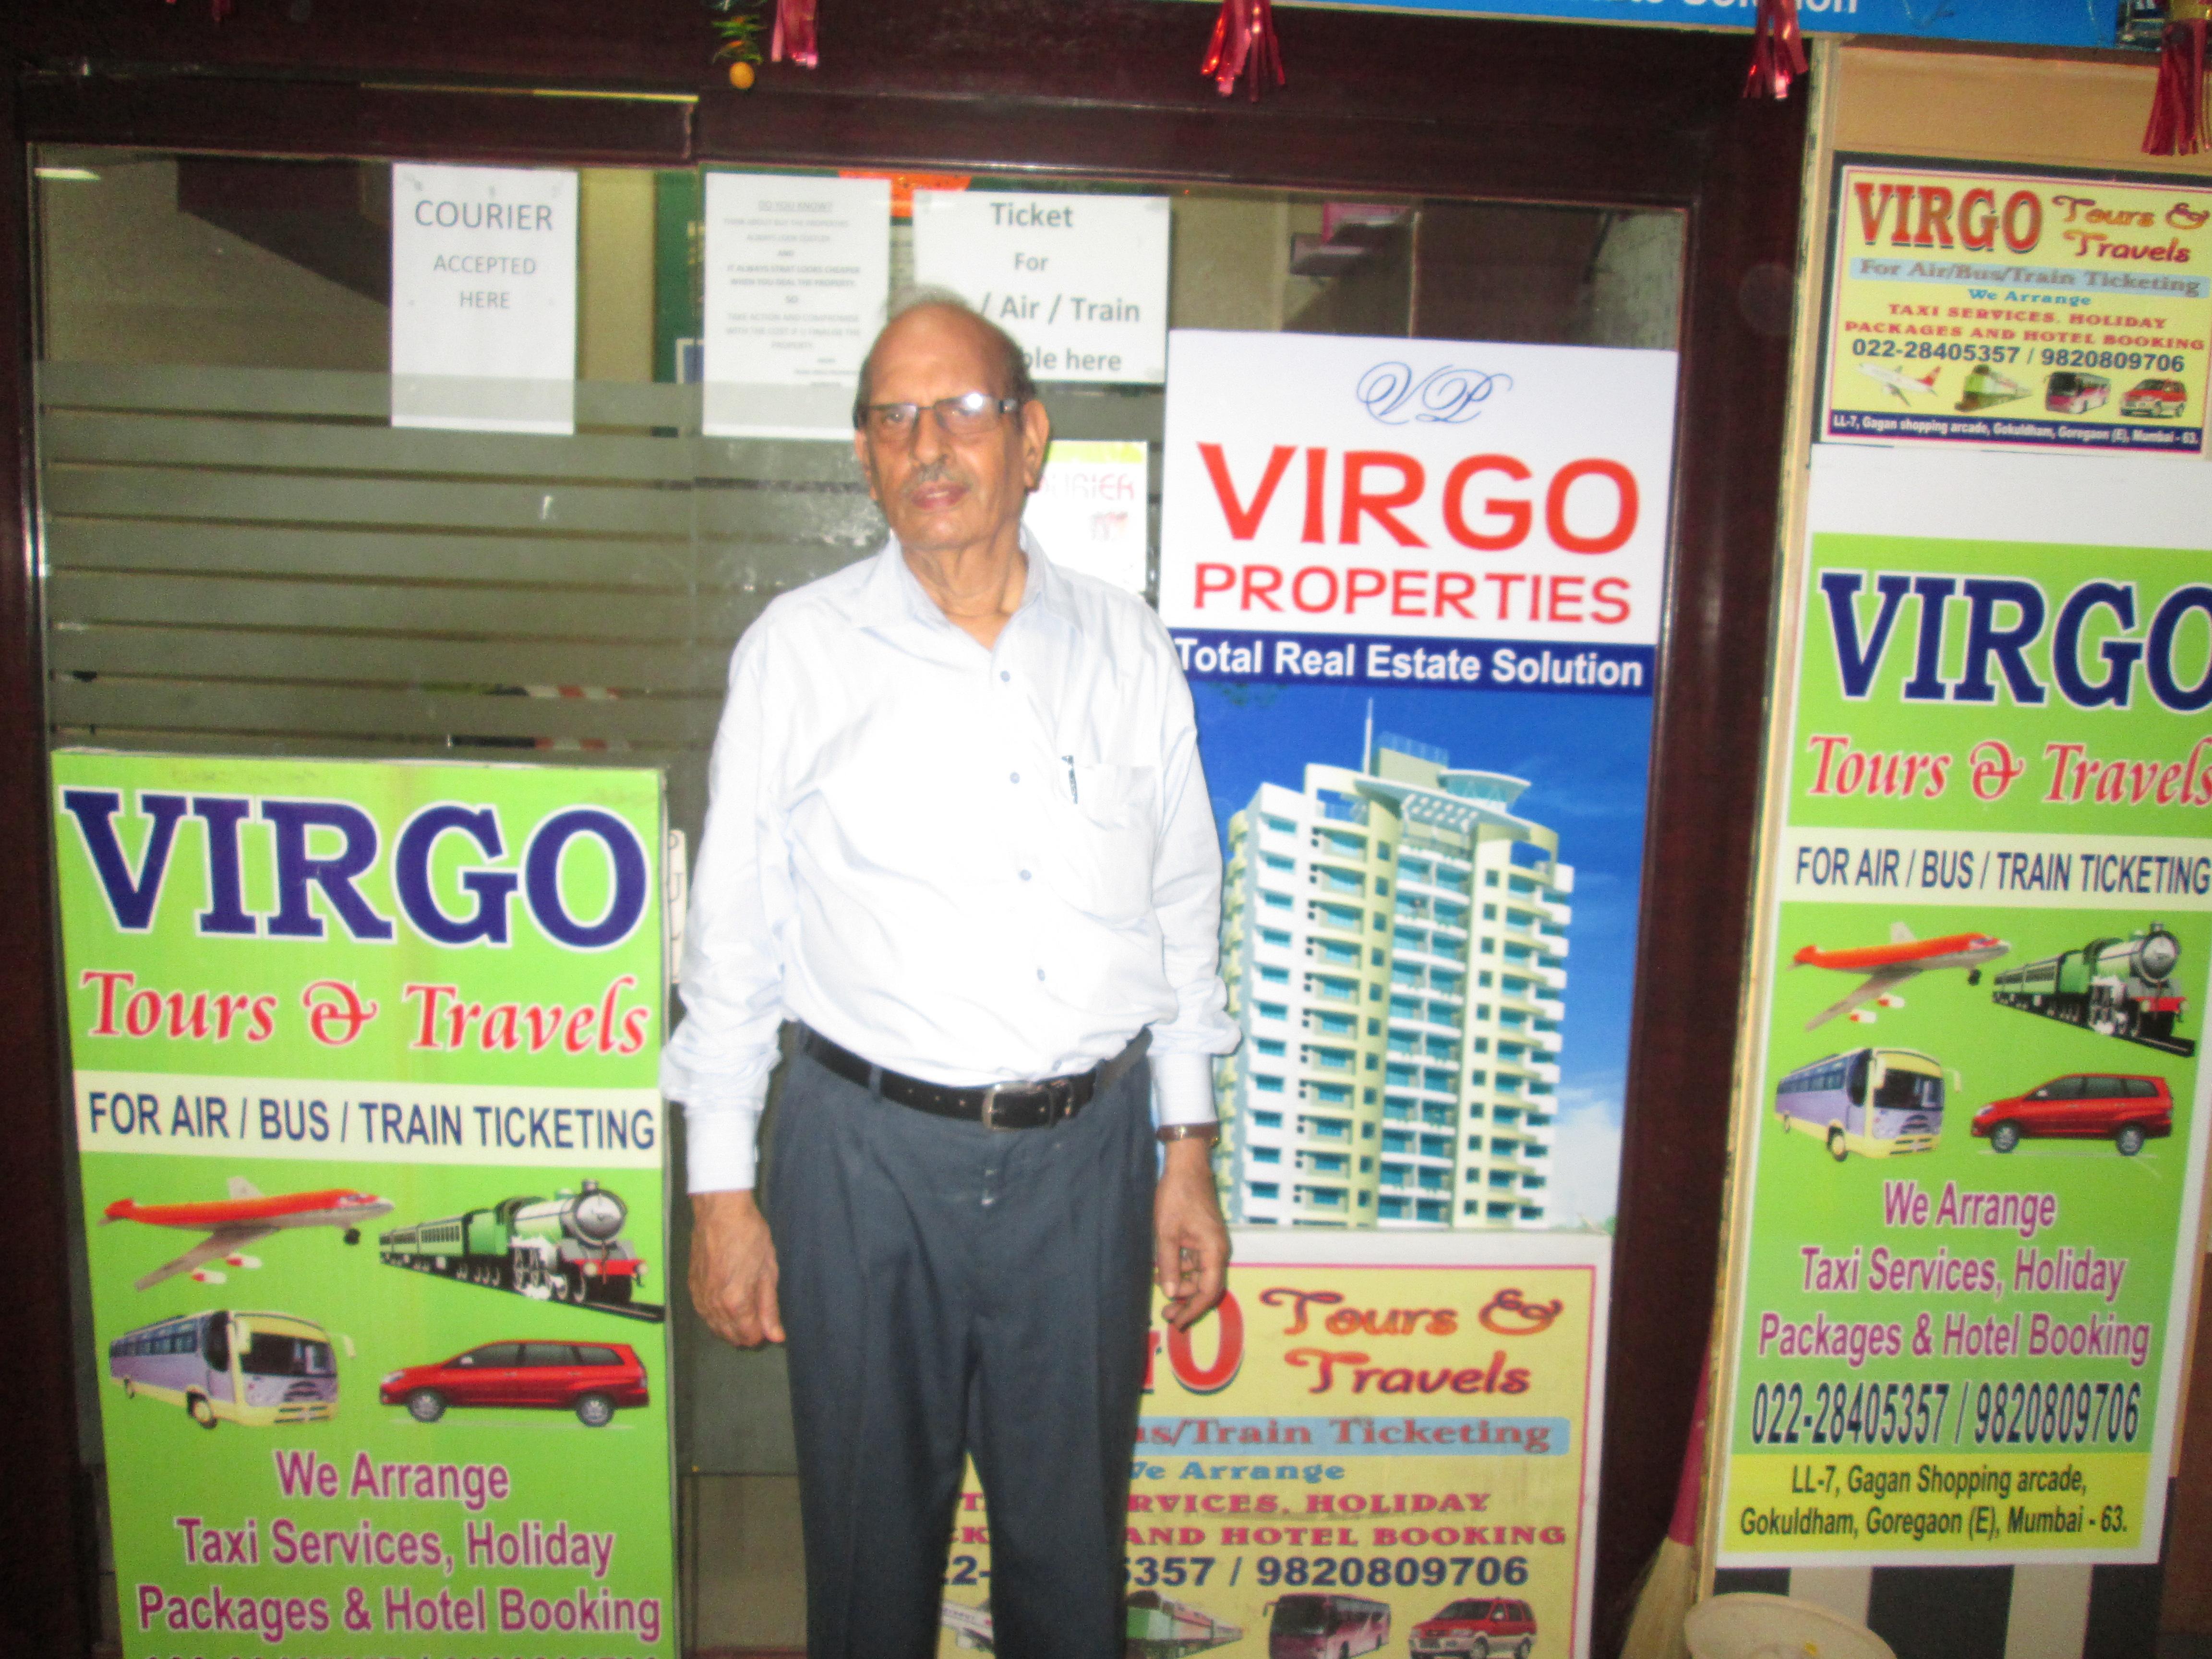 Virgo Tours